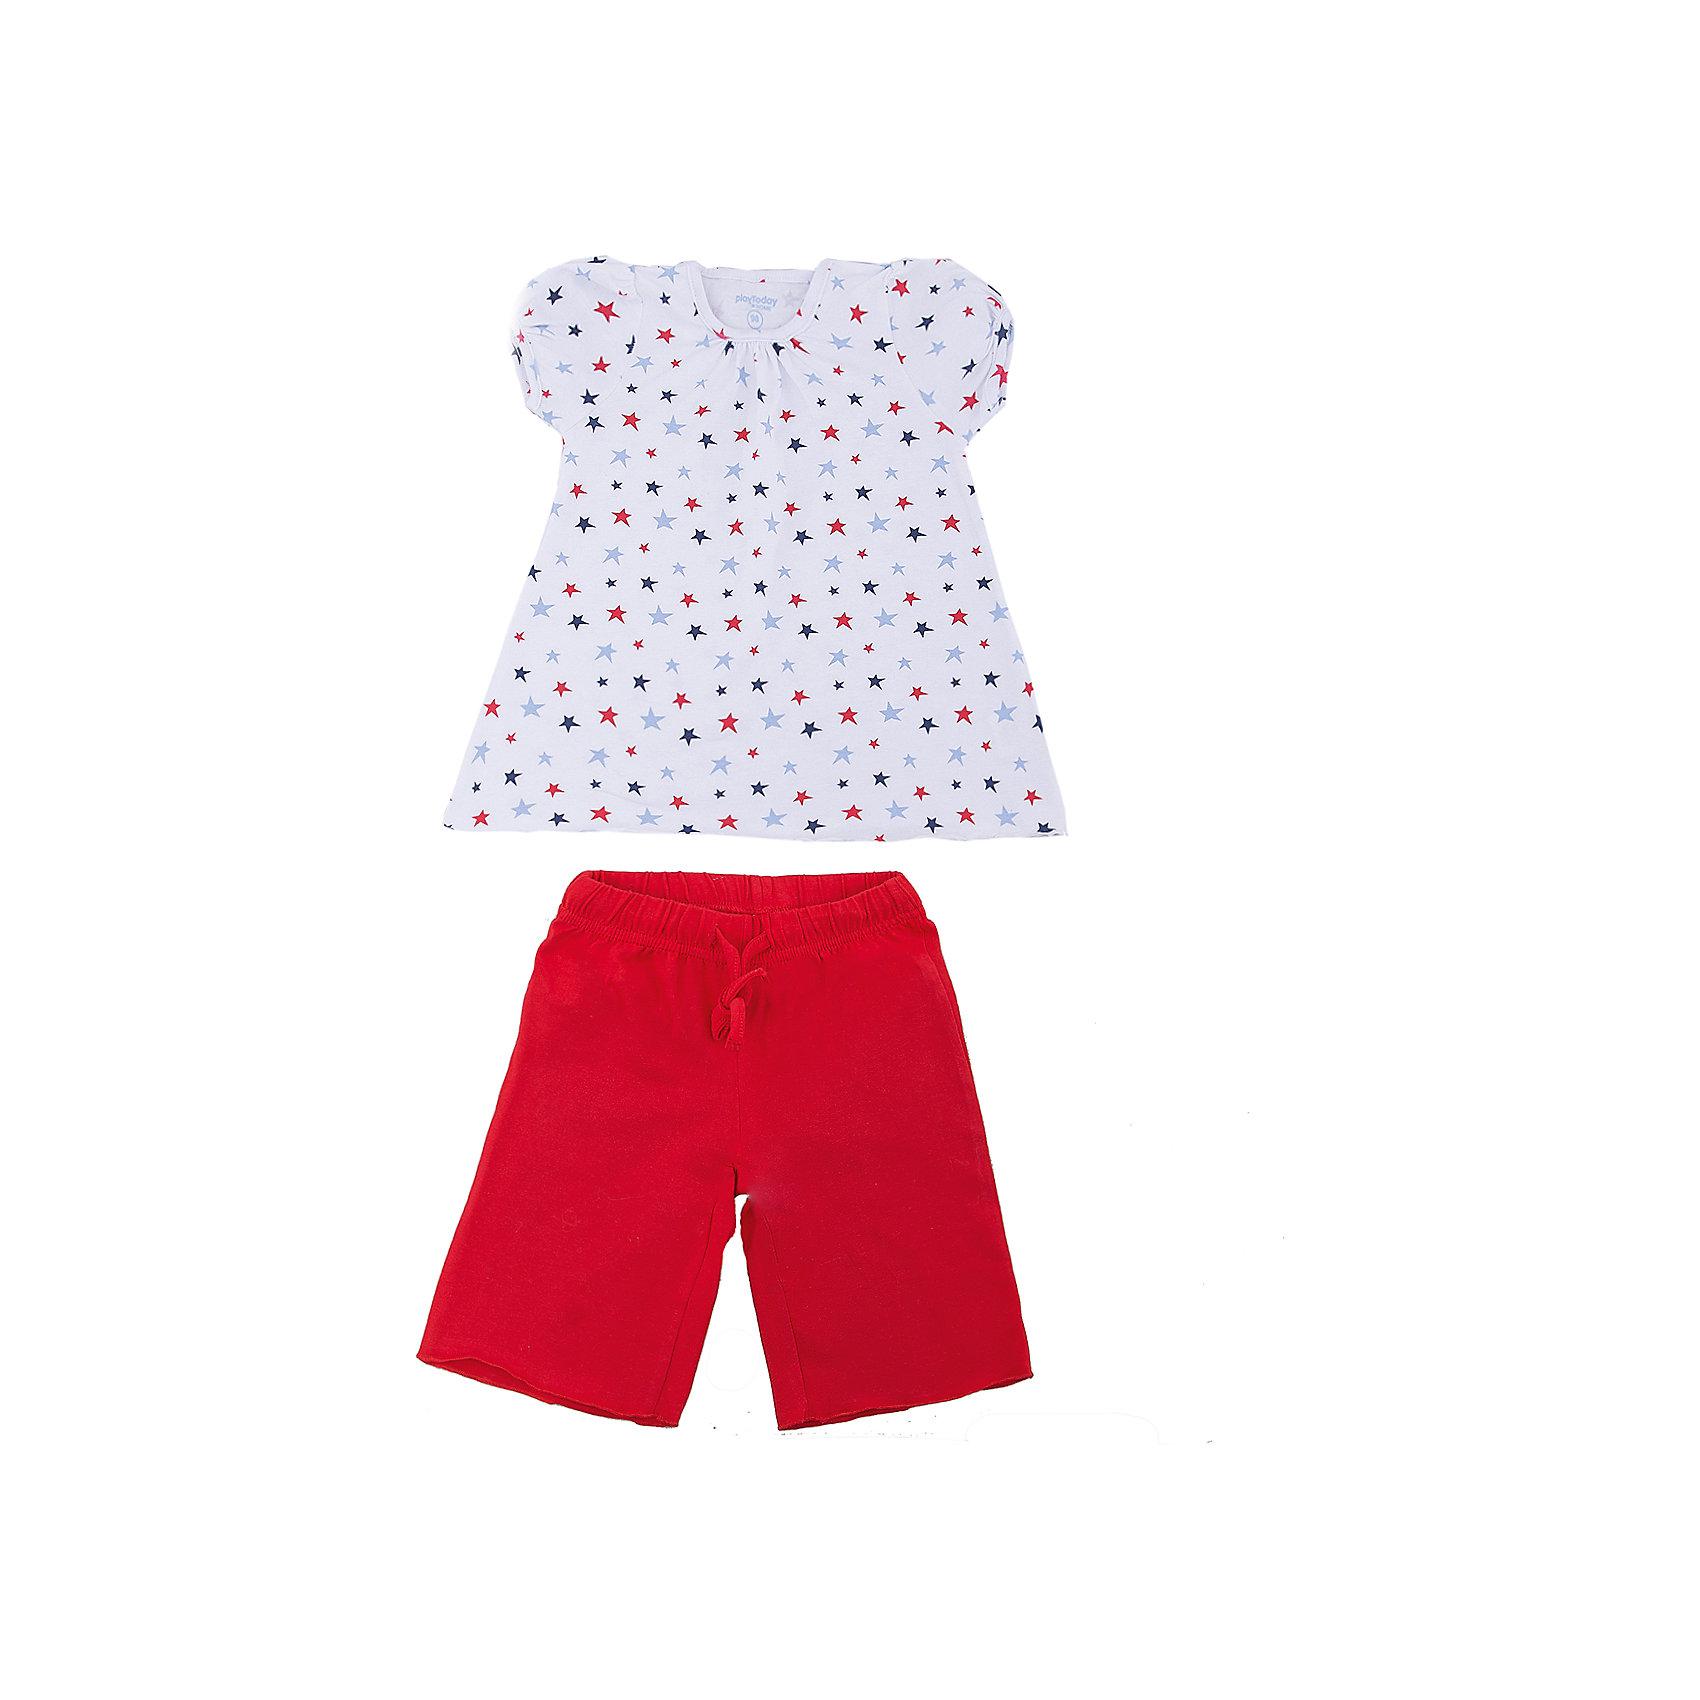 Комплект: футболка и шорты PlayToday для девочкиКомплекты<br>Комплект: футболка и шорты PlayToday для девочки<br>Комплект из футболки и шорт может быть и домашней одеждой, и уютной пижамой. Натуральный, приятный к телу материал не сковывает движений. Пояс брюк на широкой мягкой резинке, дополнен регулируемым шнуром - кулиской. Футболка выполнена из принтованной ткани с нежным рисунком.<br>Состав:<br>95% хлопок, 5% эластан<br><br>Ширина мм: 199<br>Глубина мм: 10<br>Высота мм: 161<br>Вес г: 151<br>Цвет: белый<br>Возраст от месяцев: 84<br>Возраст до месяцев: 96<br>Пол: Женский<br>Возраст: Детский<br>Размер: 128,98,104,110,116,122<br>SKU: 7109663